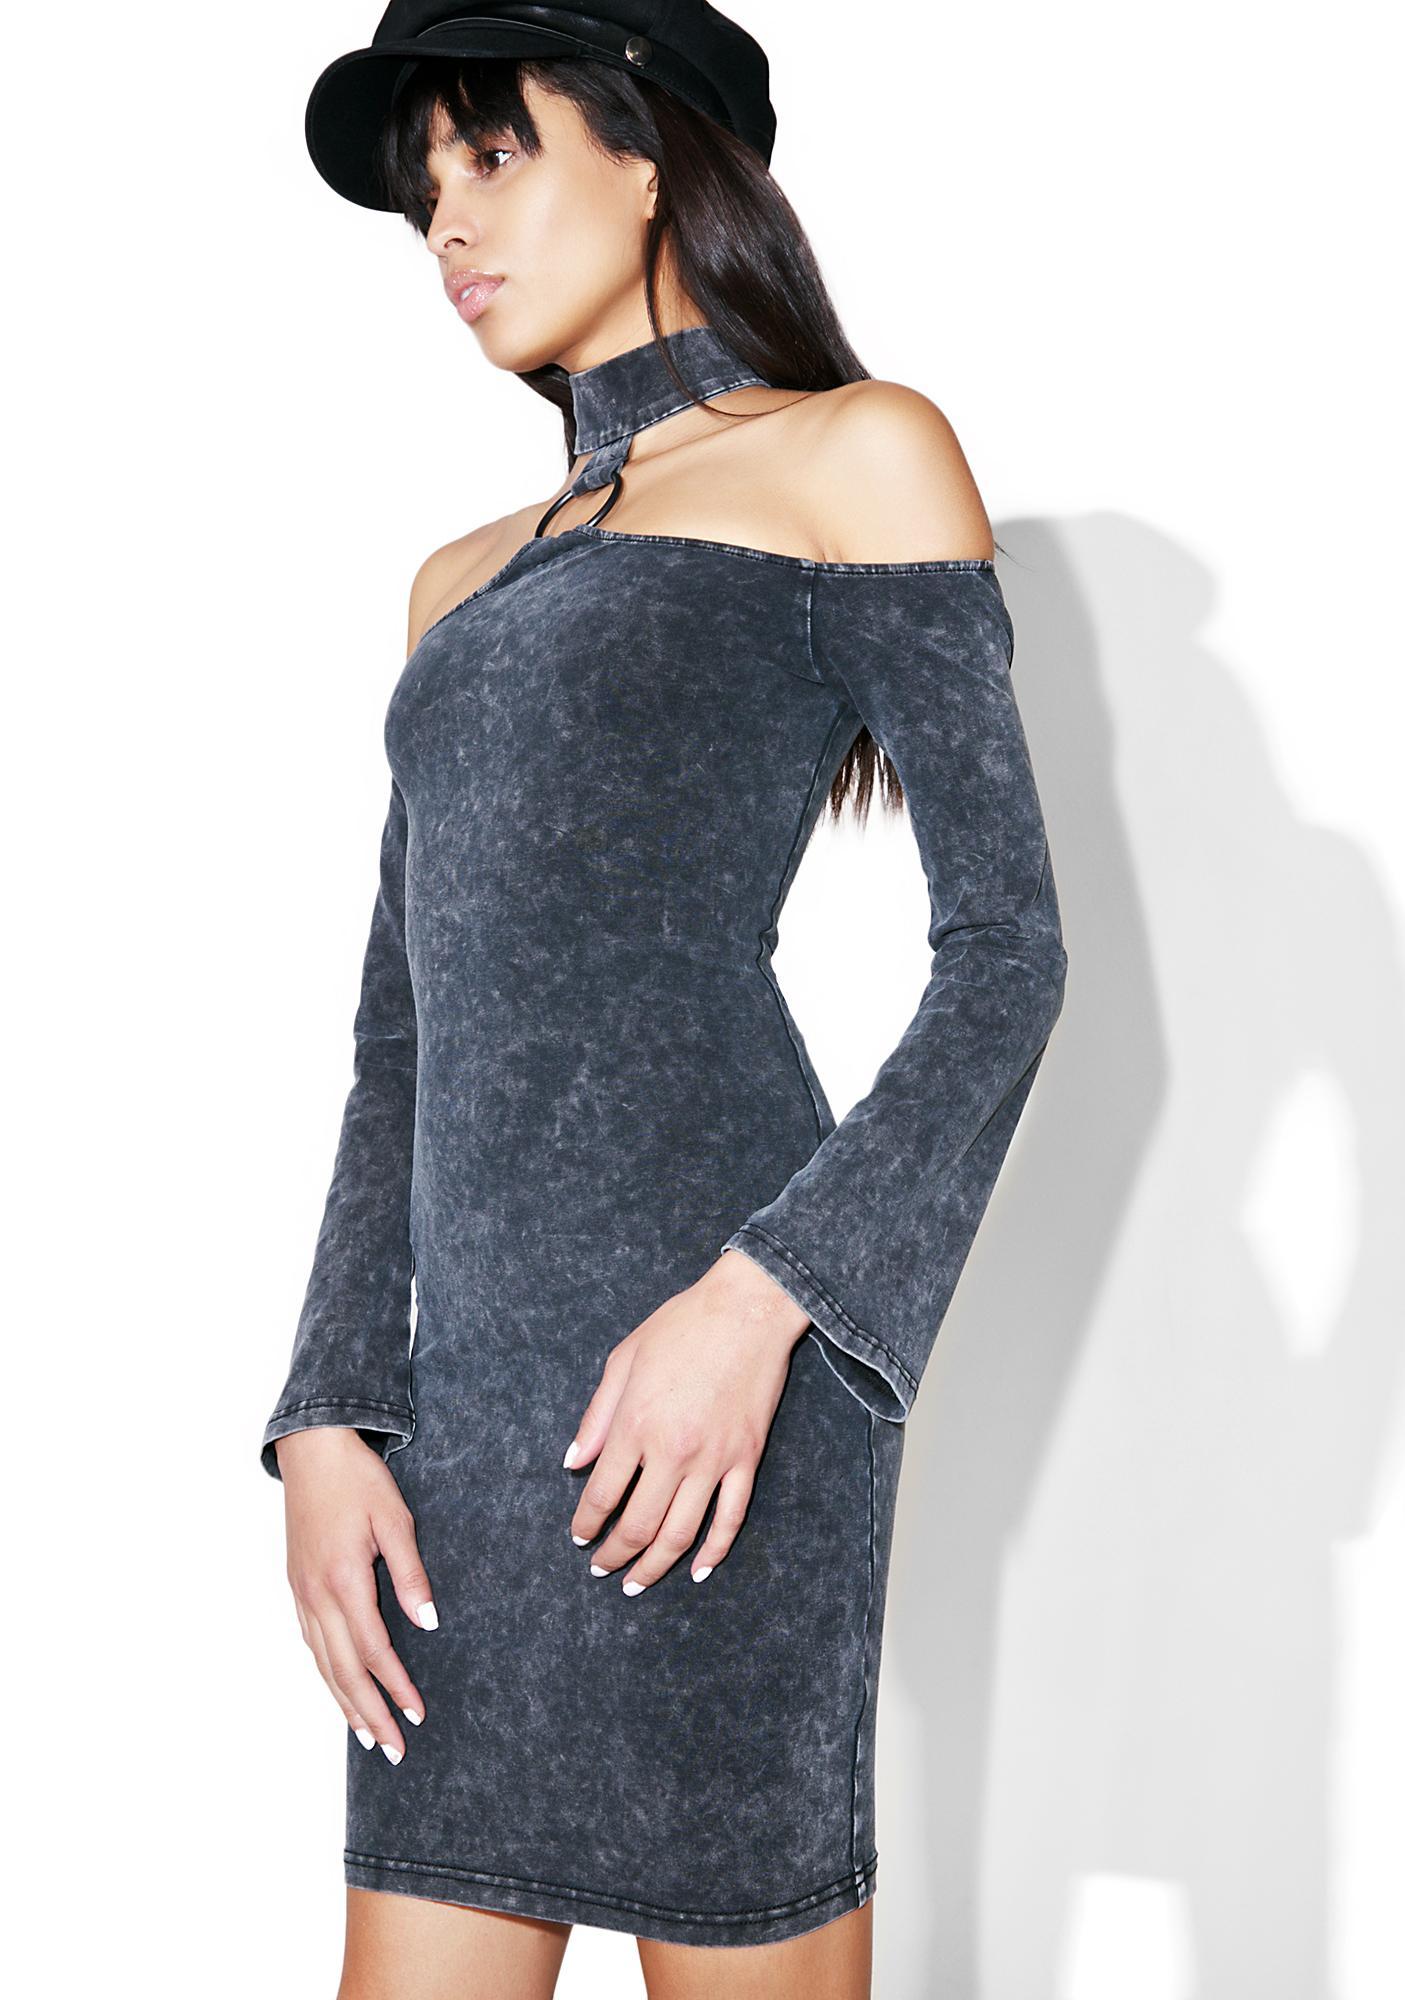 Nana Judy Majestic Dress